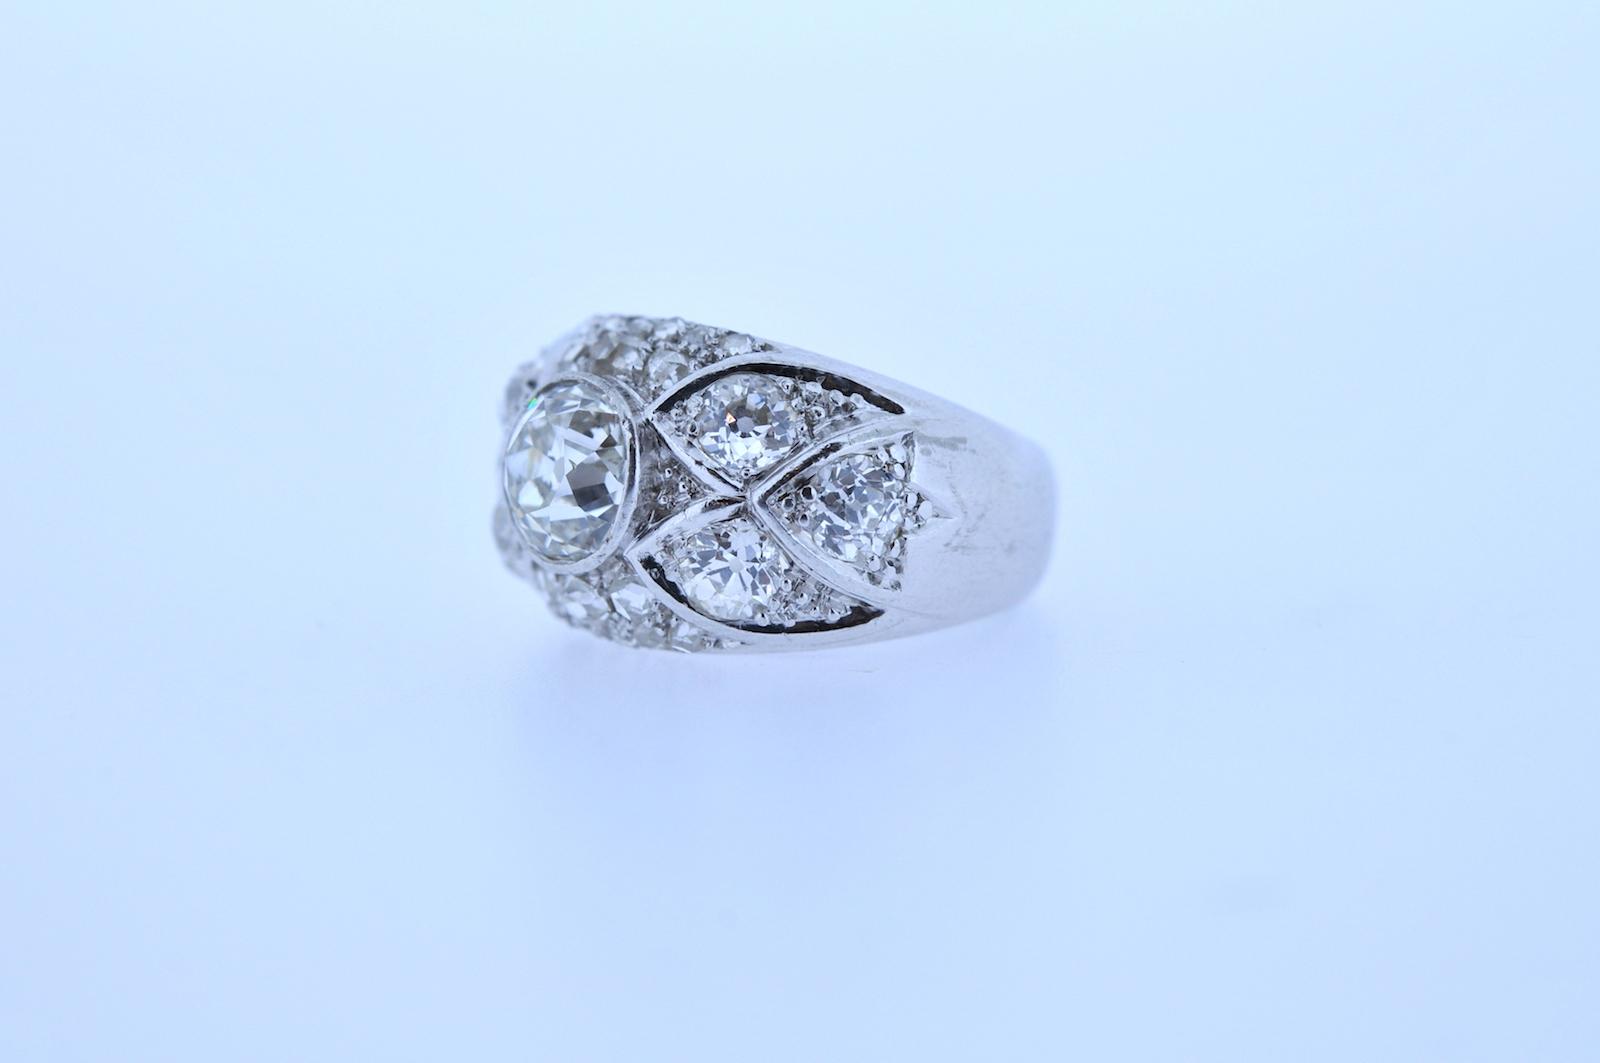 #48 Ring Image